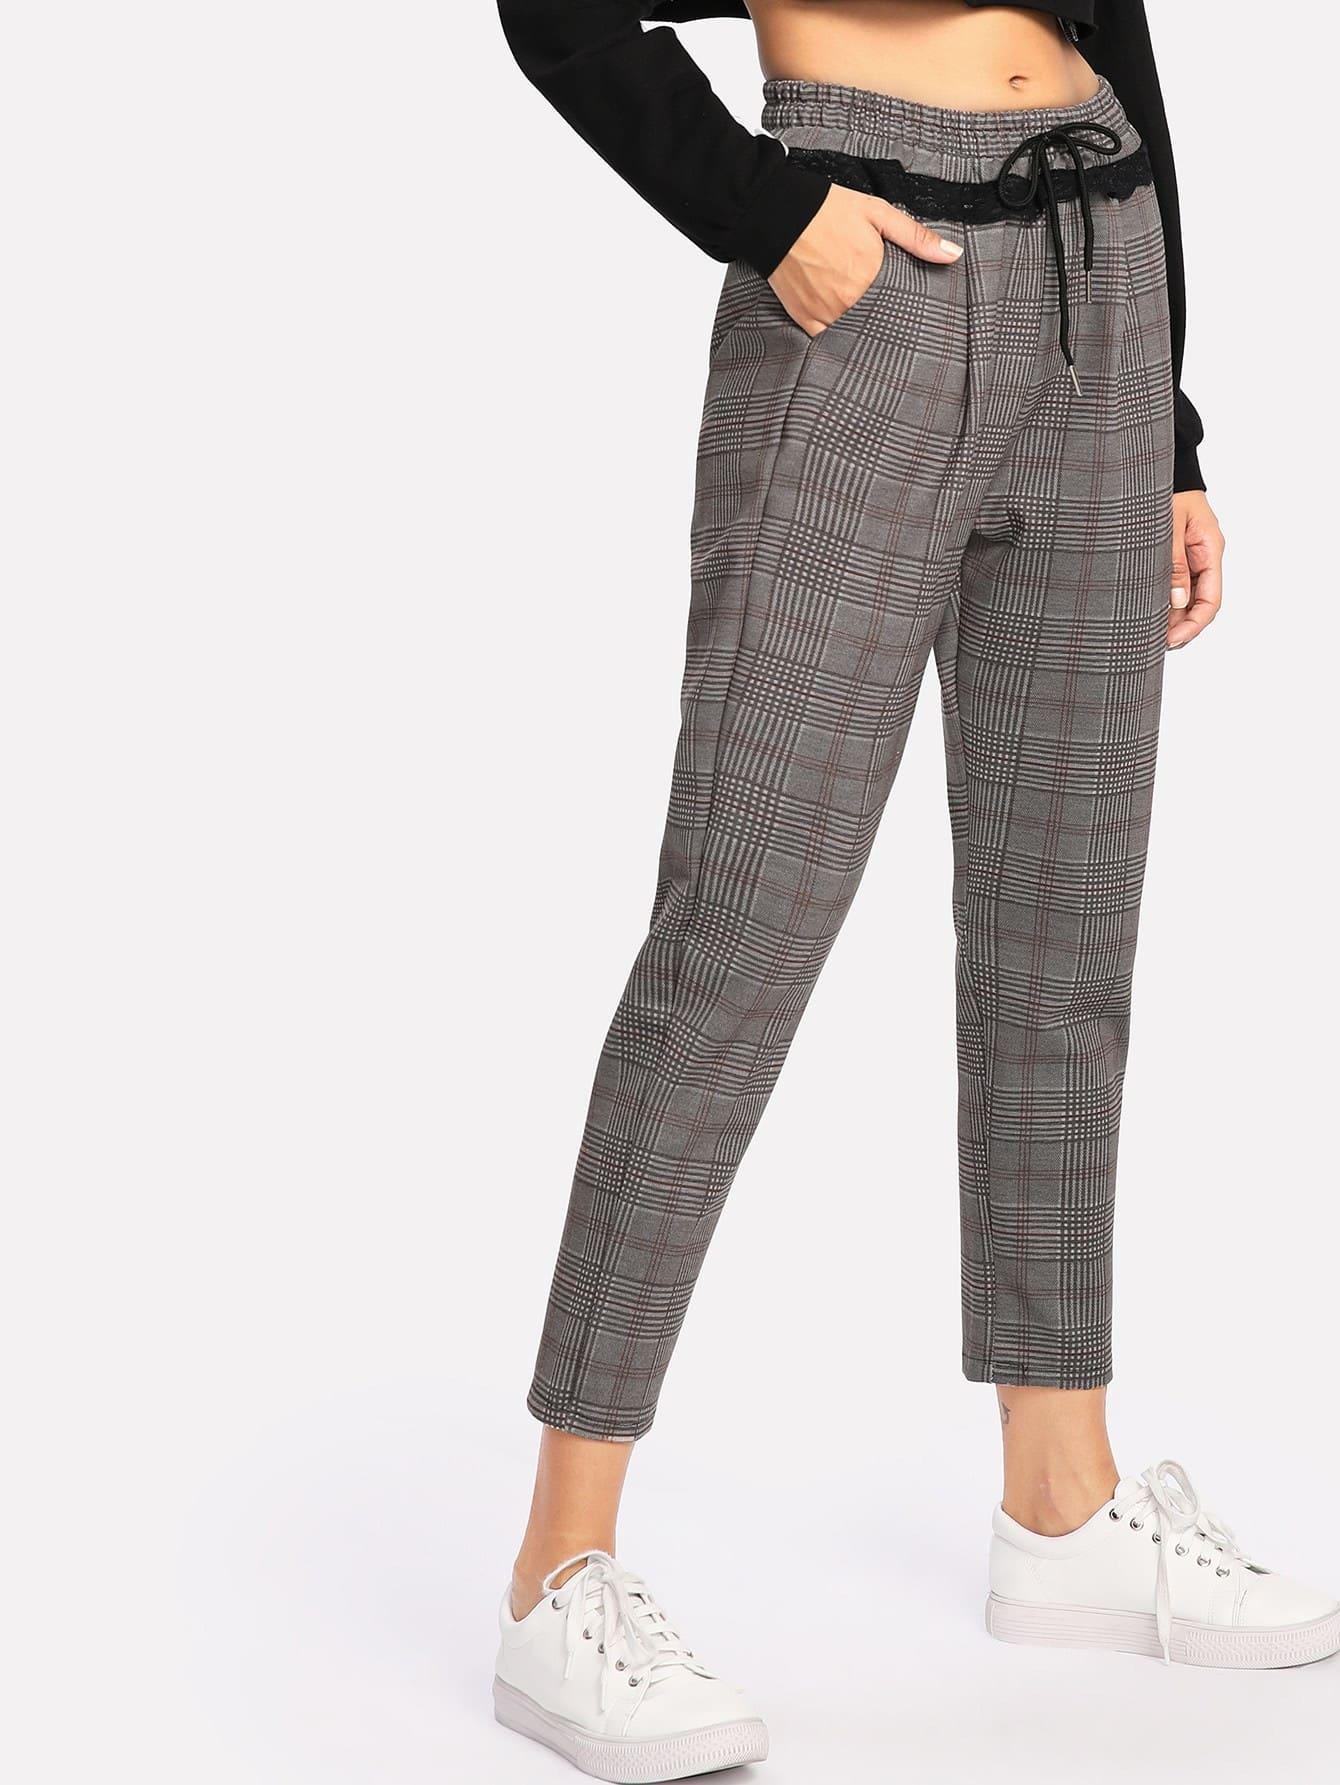 Image of Contrast Lace Glen Plaid Pants